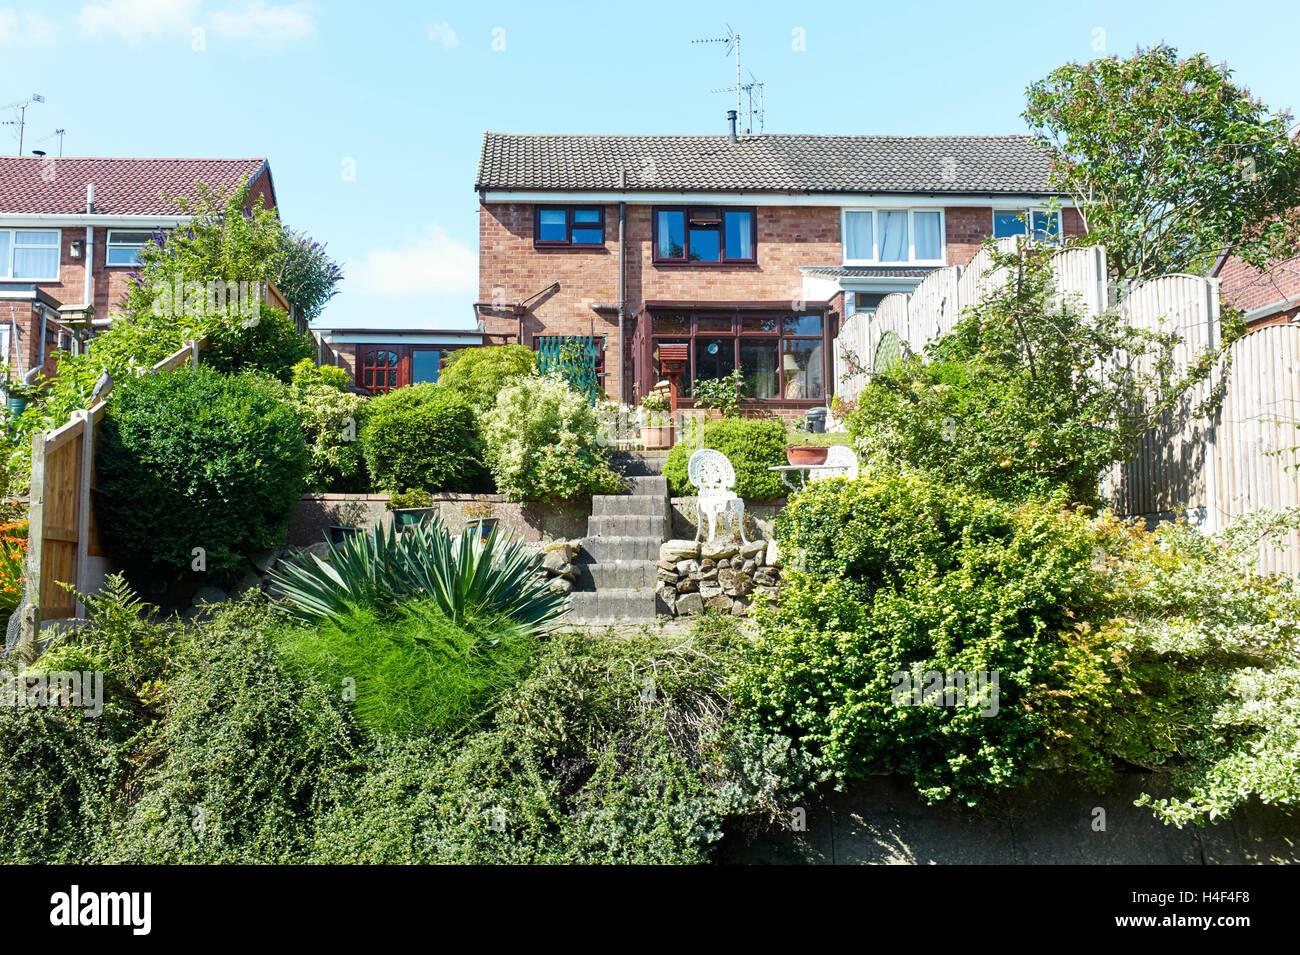 Garten Hinter Dem Haus Von Doppelhaushälfte Stockfoto Bild